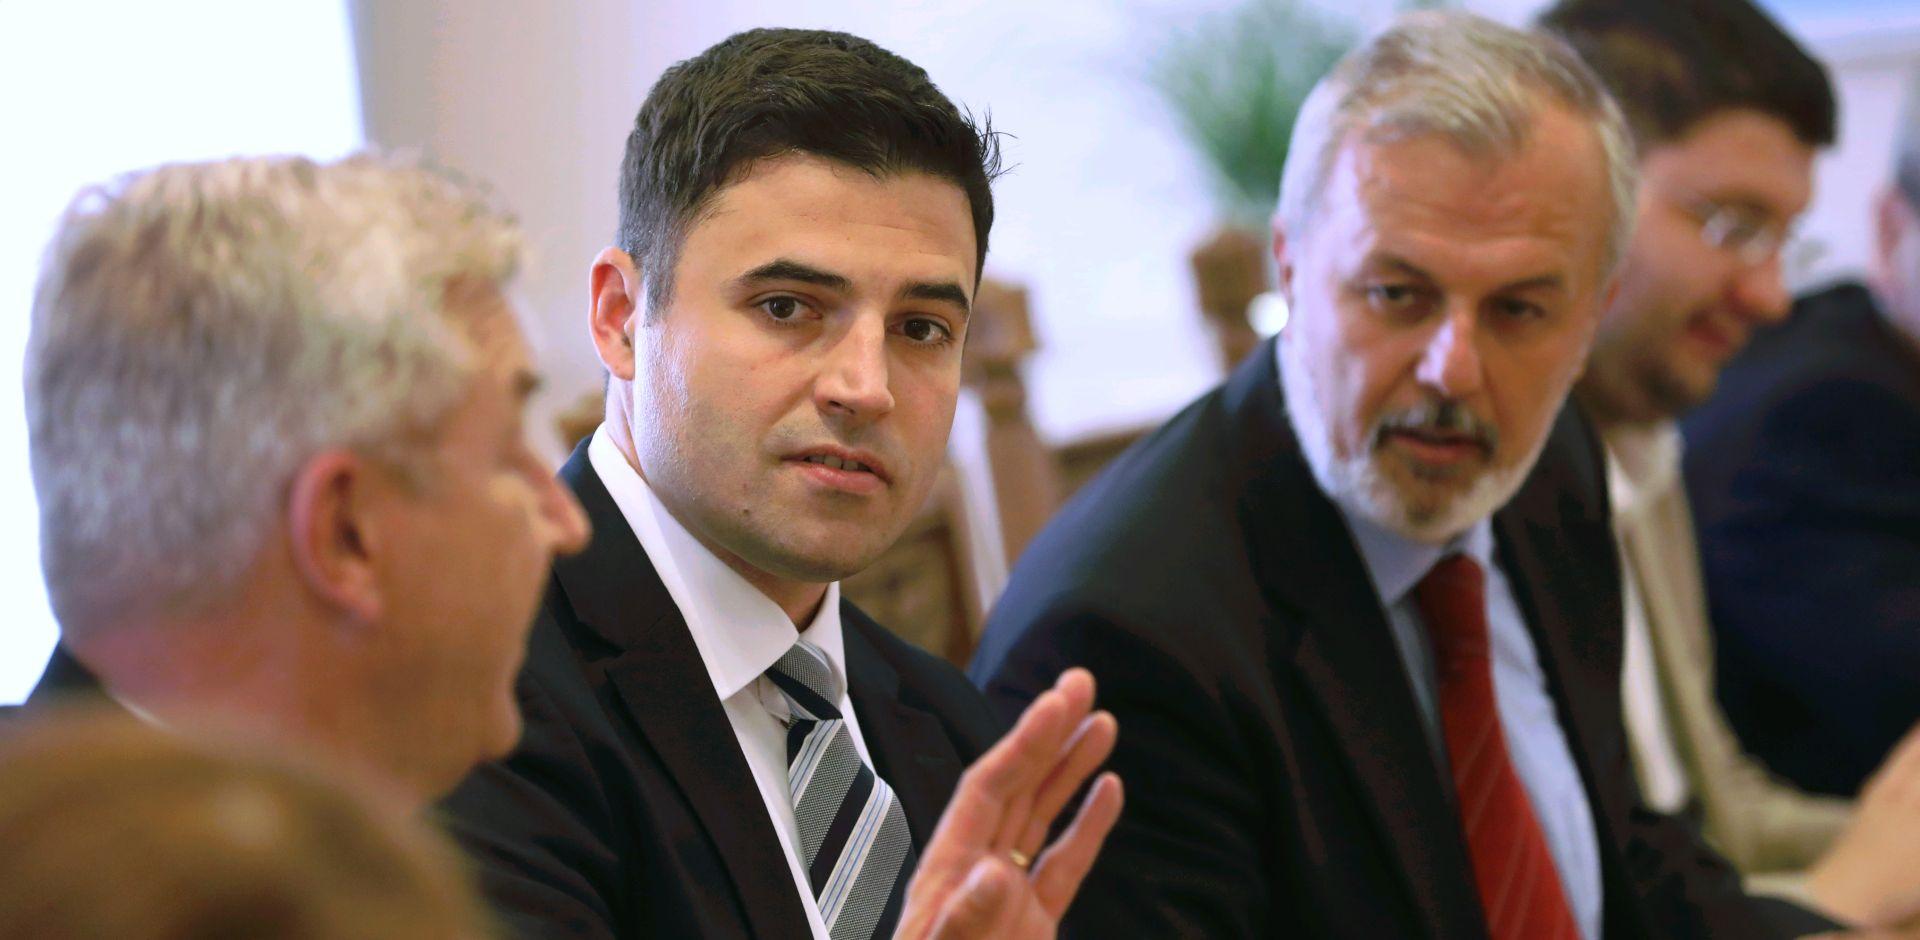 Bernardić zatražio od Odbora raspravu o uhićenjima zbog objava na Facebooku